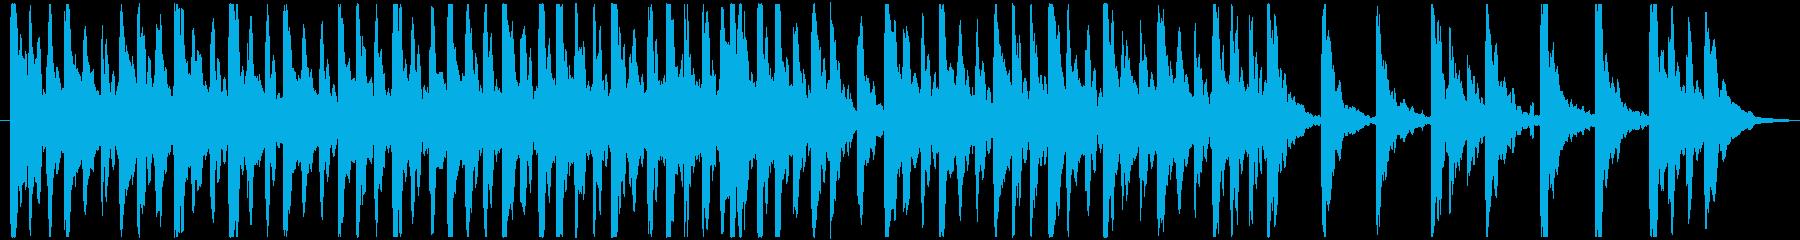 ホラー風味で不気味なオルゴールの再生済みの波形